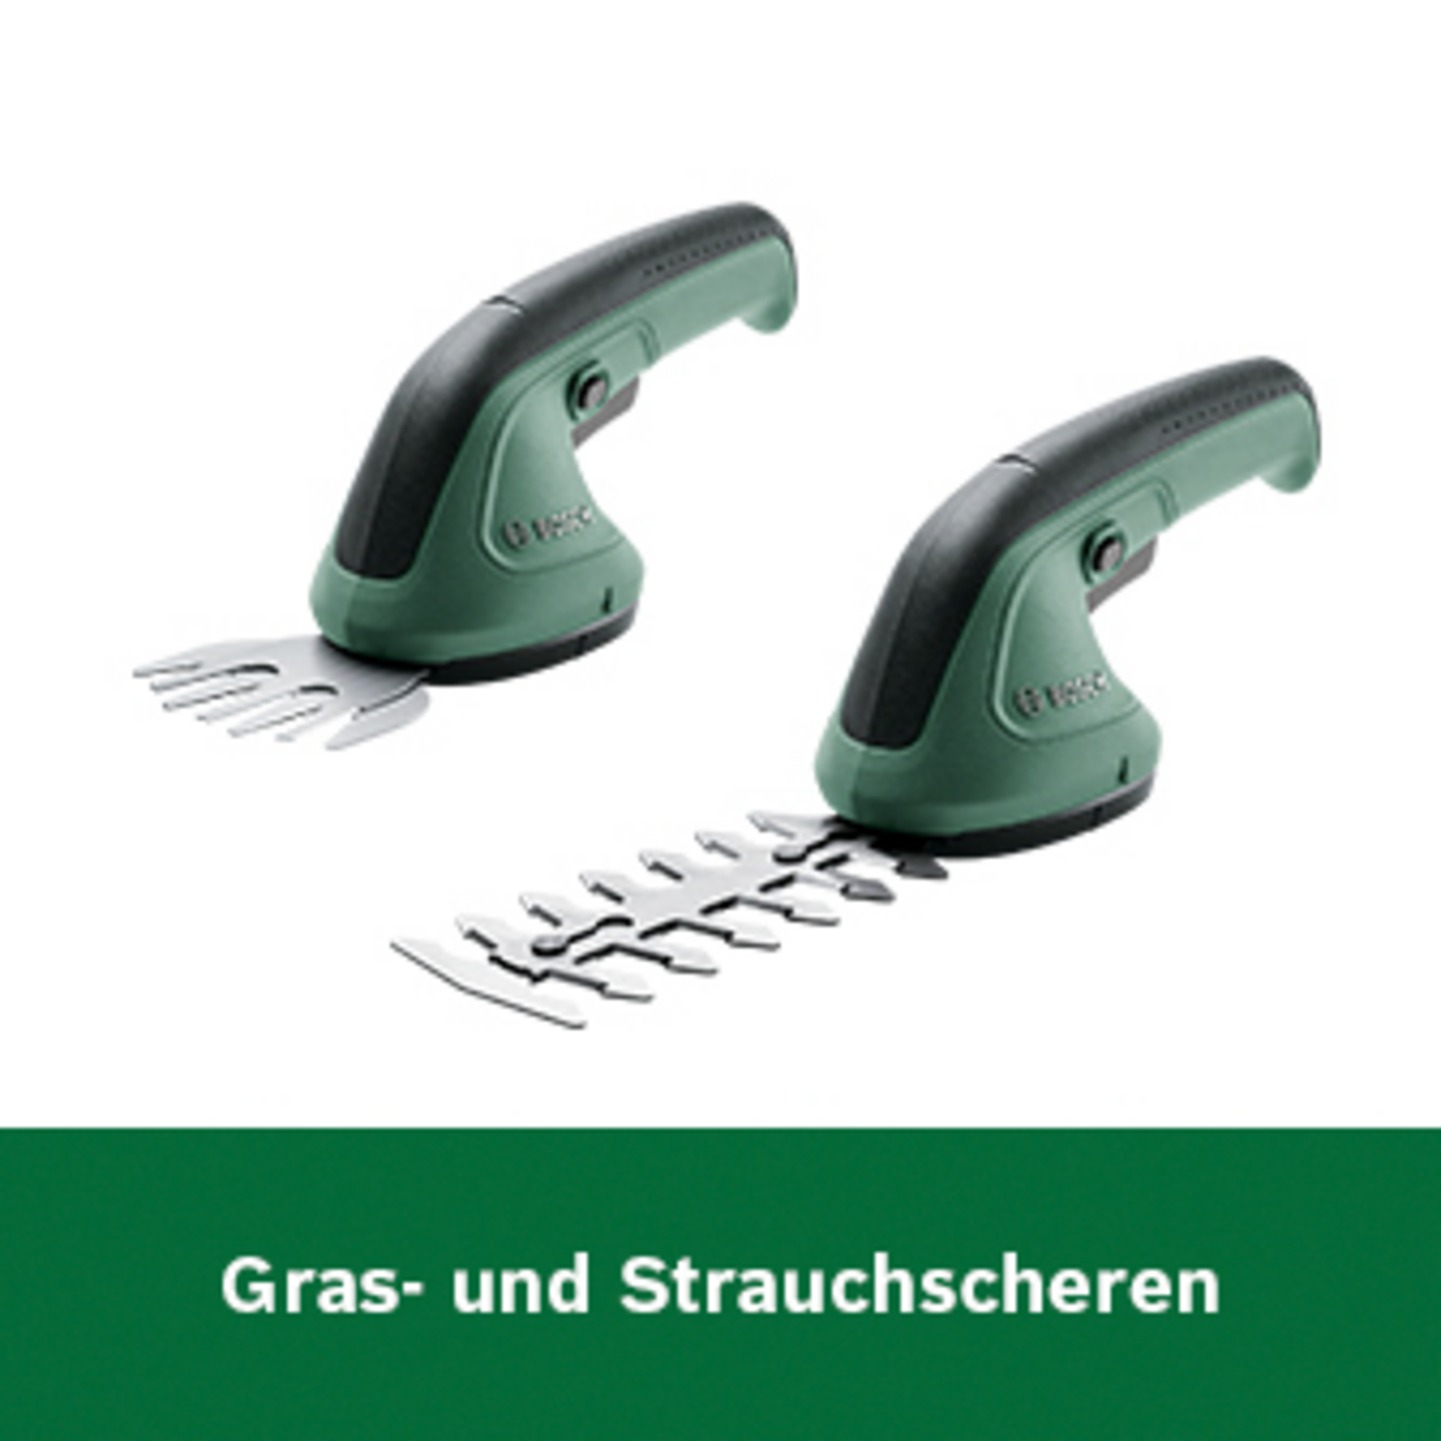 Bosch Gras- und Strauchscheren